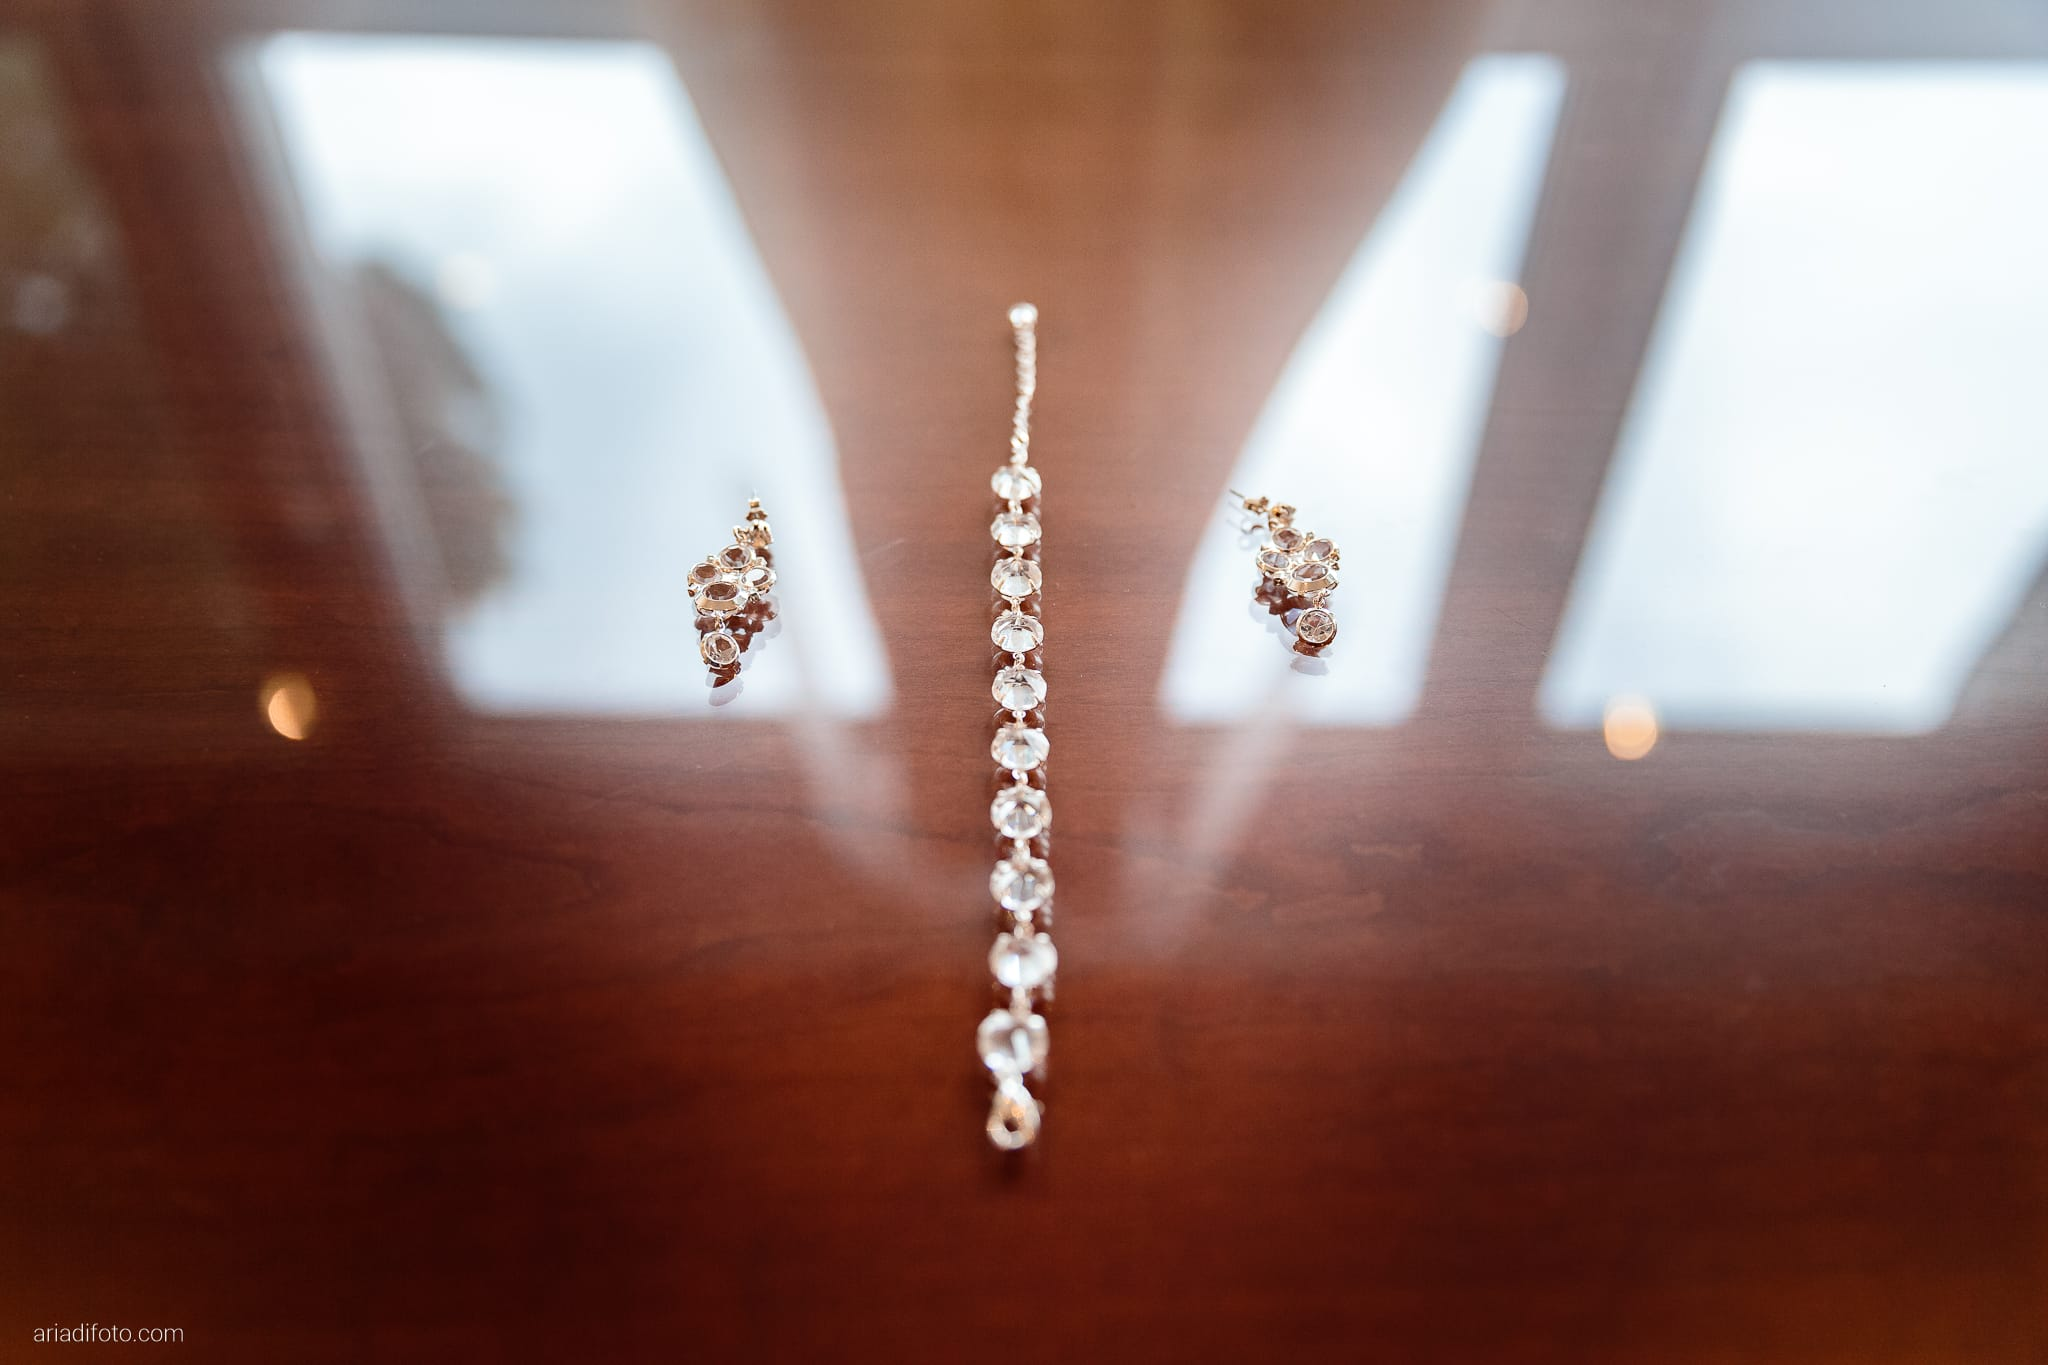 Magdalena Massimo Matrimonio Ristorante Le Terrazze Riviera Trieste preparativi dettagli abito bracciale orecchini